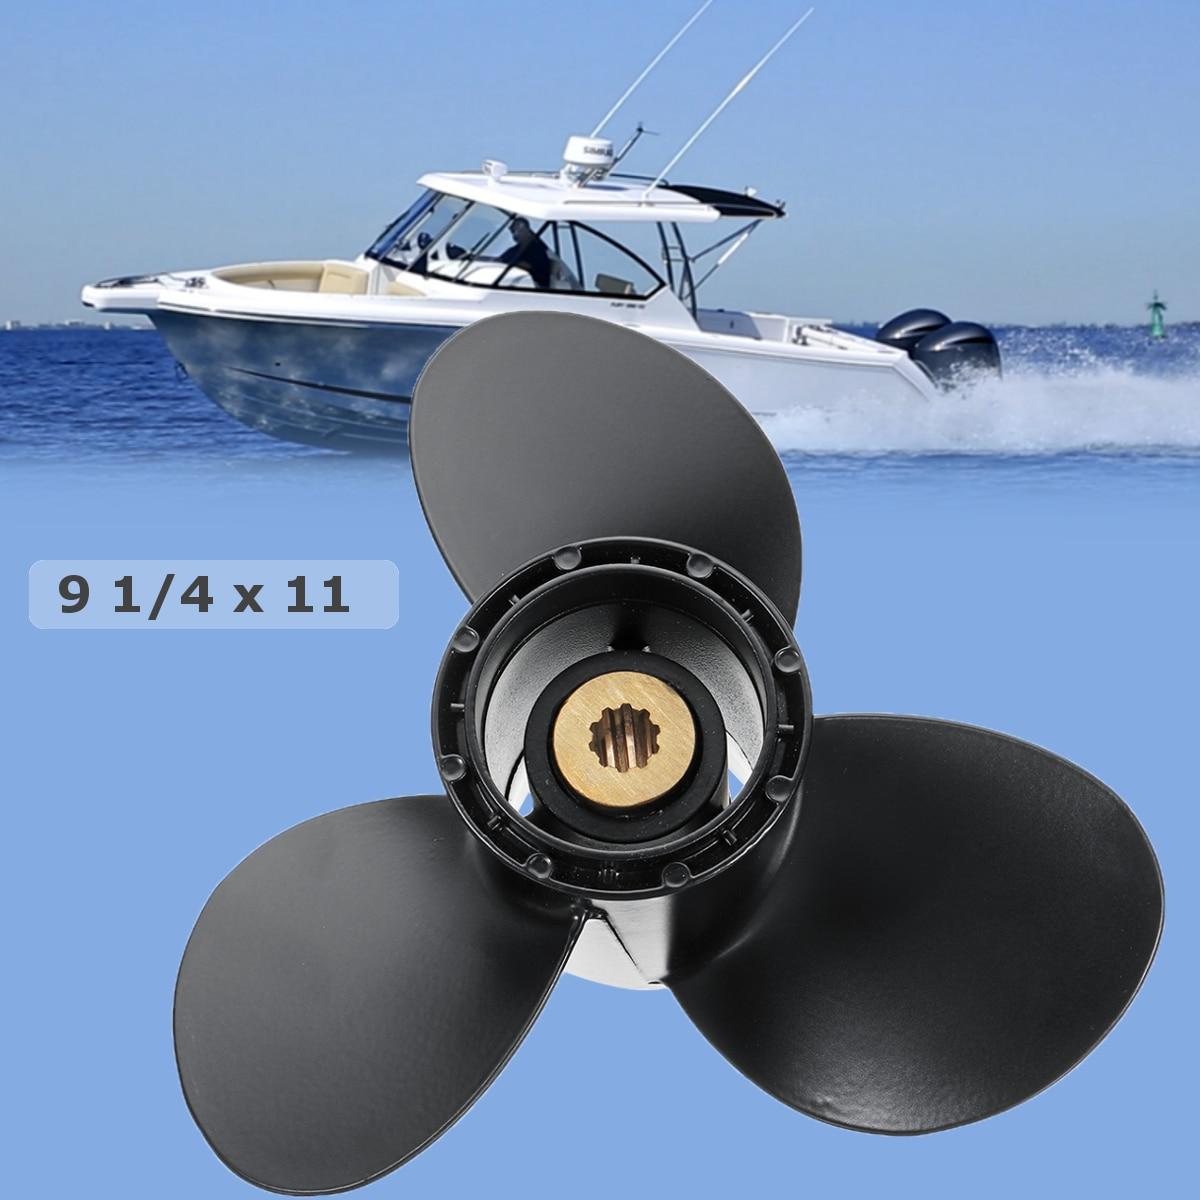 Audew 58100-93743-019 9 1/4x11 Barca Fuoribordo Elica per Suzuki 9.9-15HP In Lega di Alluminio 3 lame 10 Spline Tooths Nero